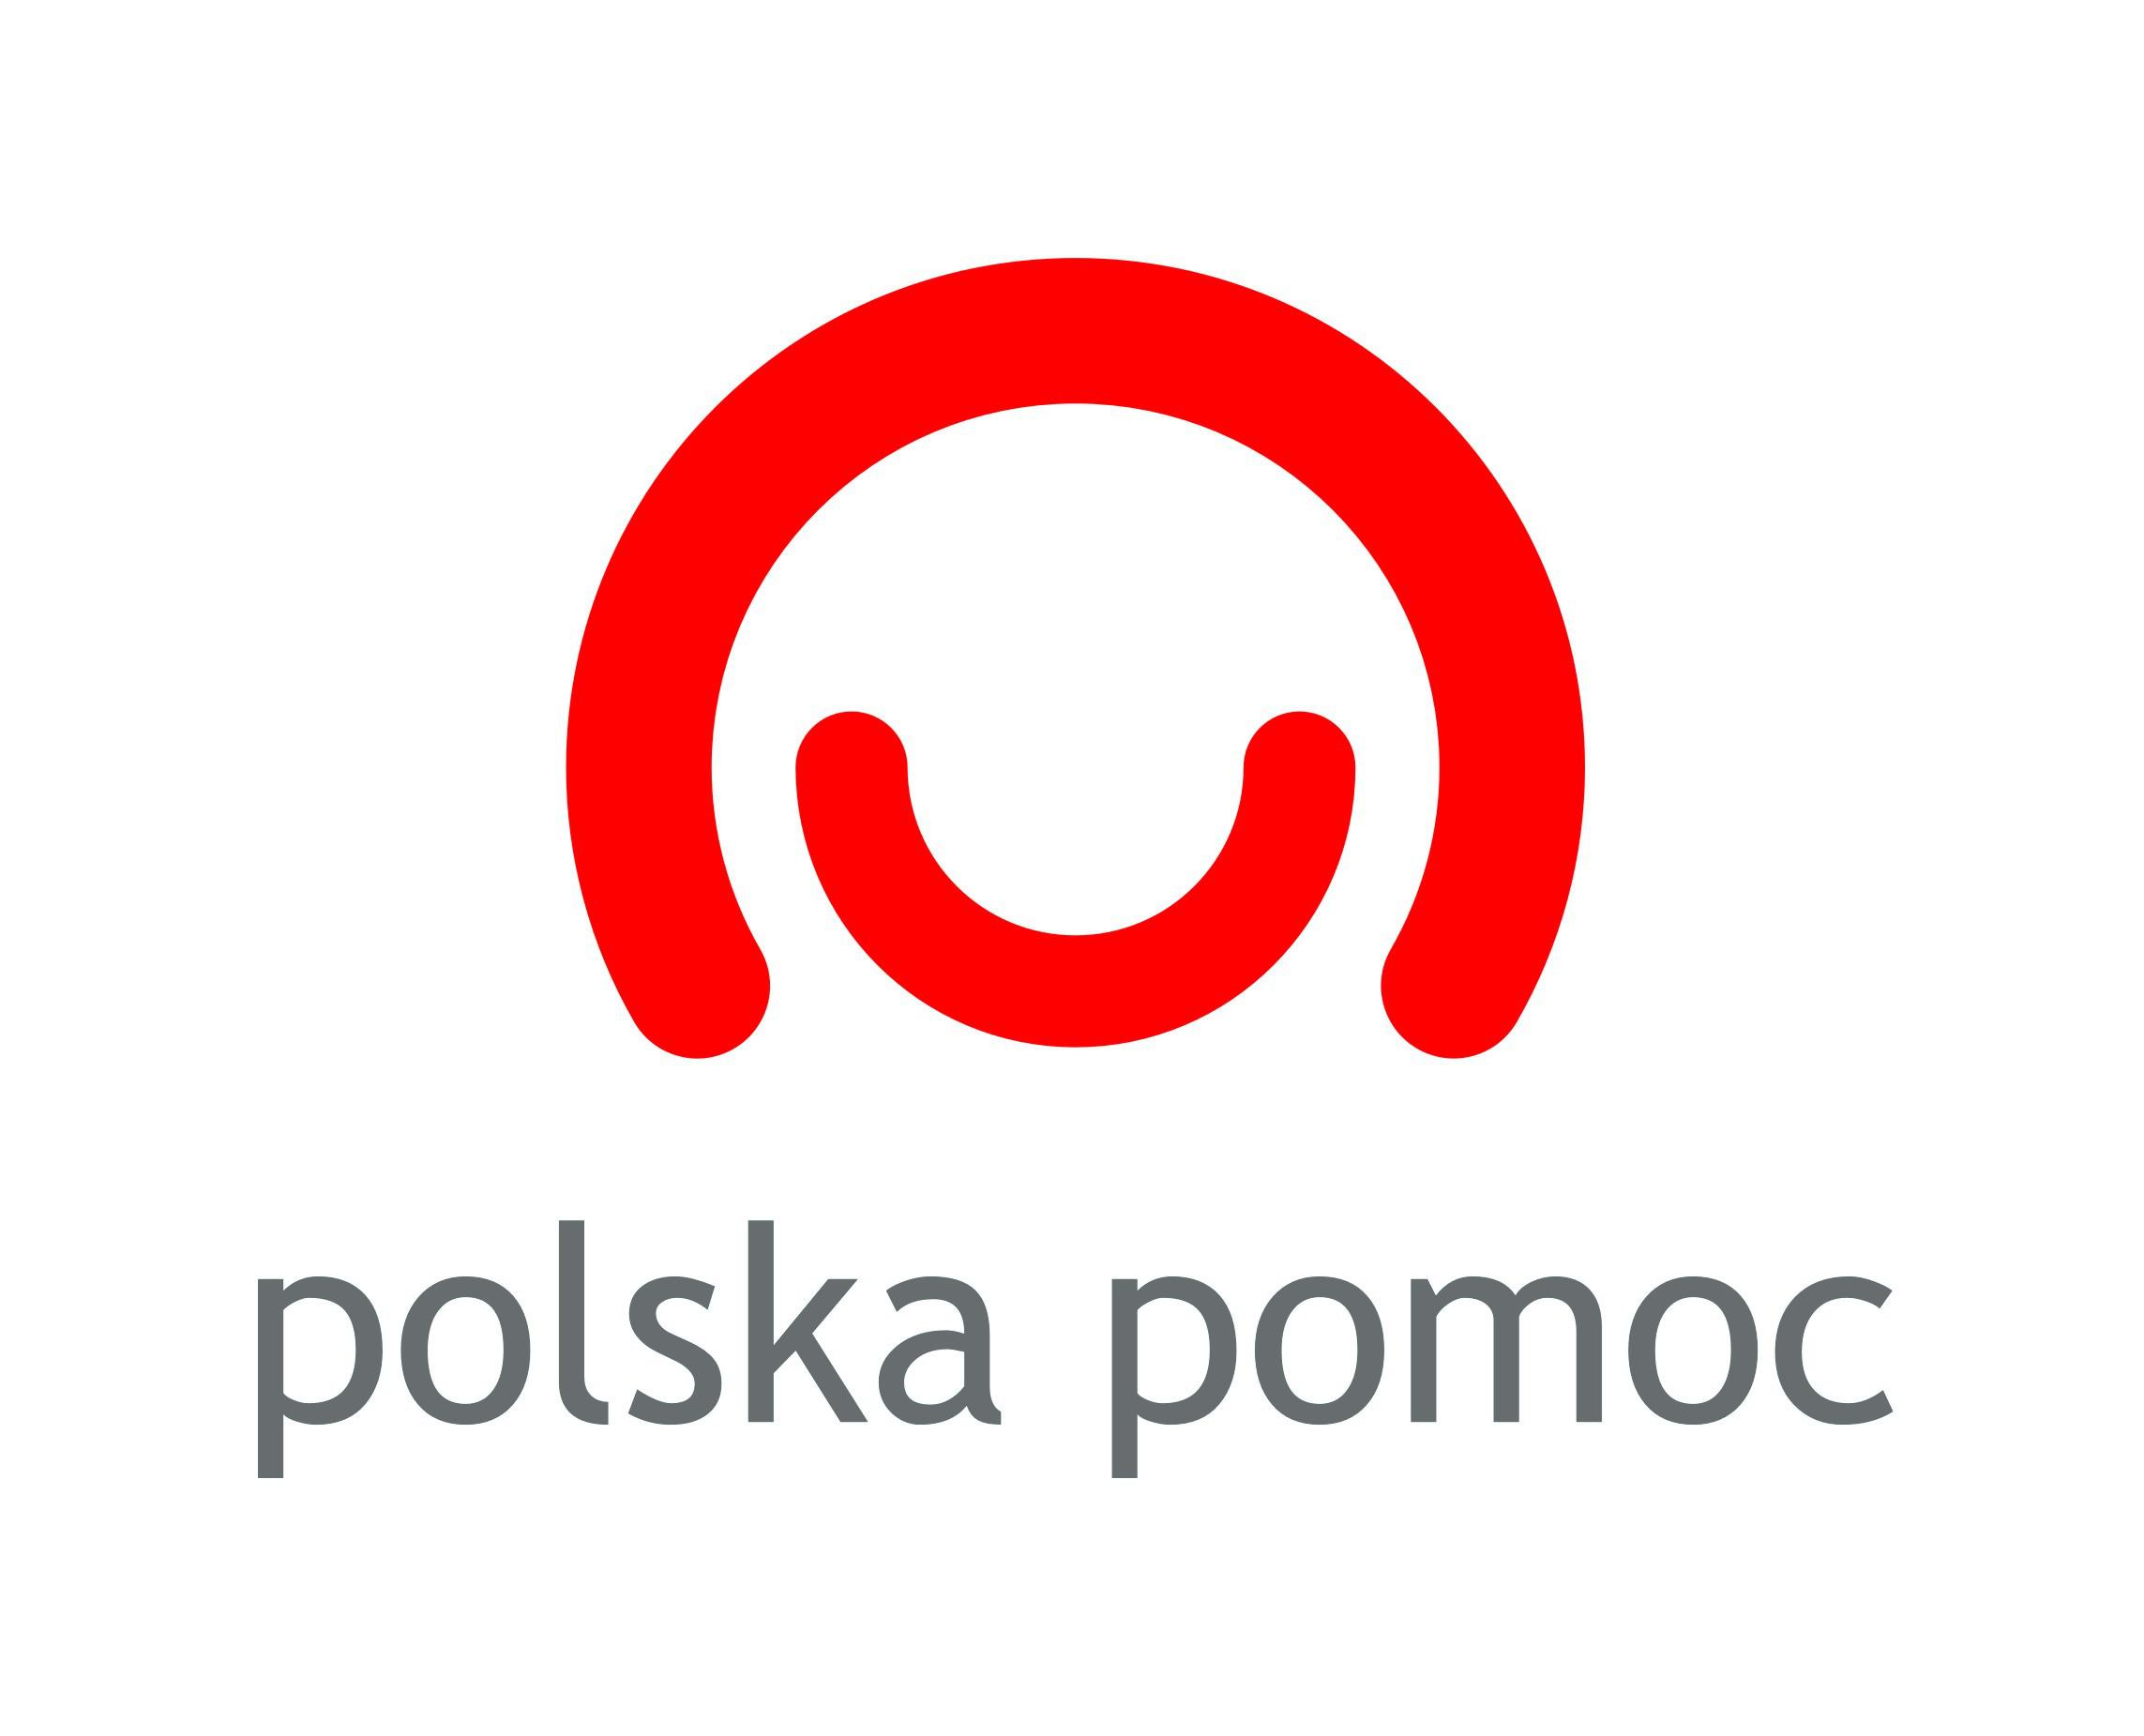 Znak graficzny Polska pomoc